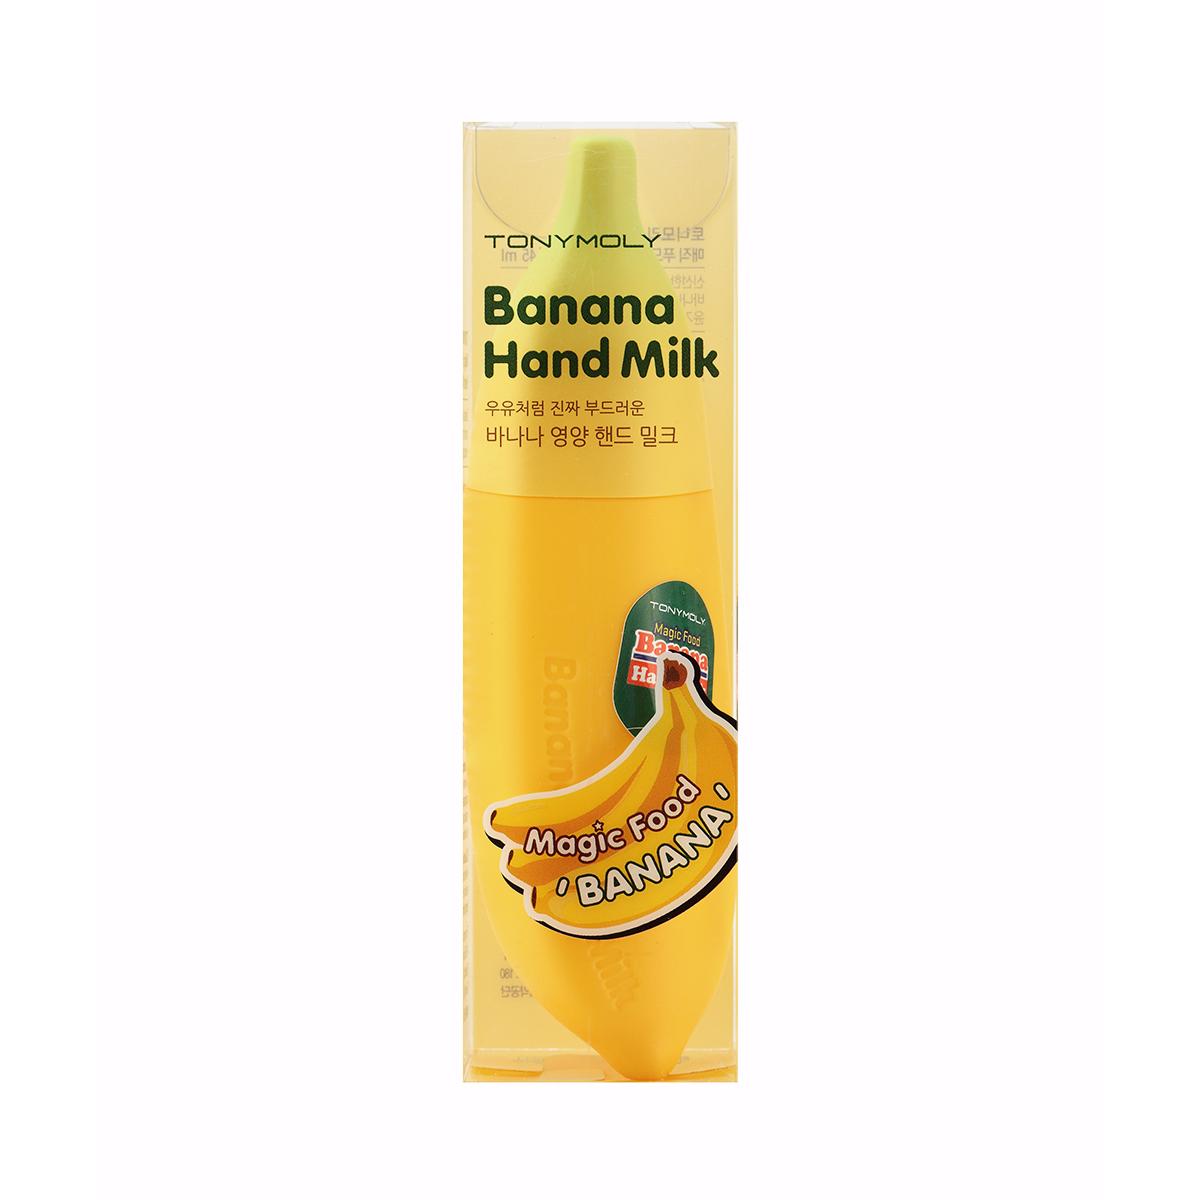 TonyMoly Крем для рук Magic Food Banana Hand Milk, 45 млBD03012800Легкий крем для рук с очень нежной текстурой молочка. Увлажняет и питает кожу рук, восстанавливая ее текстуру и препятствуя преждевременному появлению морщин. Также средство бережно защищает кожу рук от перепадов температуры, негативного воздействия окружающей среды и химических средств, используемых в быту. Экстракт банана, являющийся одним из основных ингредиентов средства, оказывает осветляющее действие, восстанавливает ее упругость и эластичность. Масло ши и молочные протеины удаляют ороговевшие частички кожи, оказывая противовоспалительное и укрепляющее воздействие. При регулярном применении средства Вы получите мягкую, гладкую кожу рук и более крепкие и здоровые ногти. Объем: 45 мл.